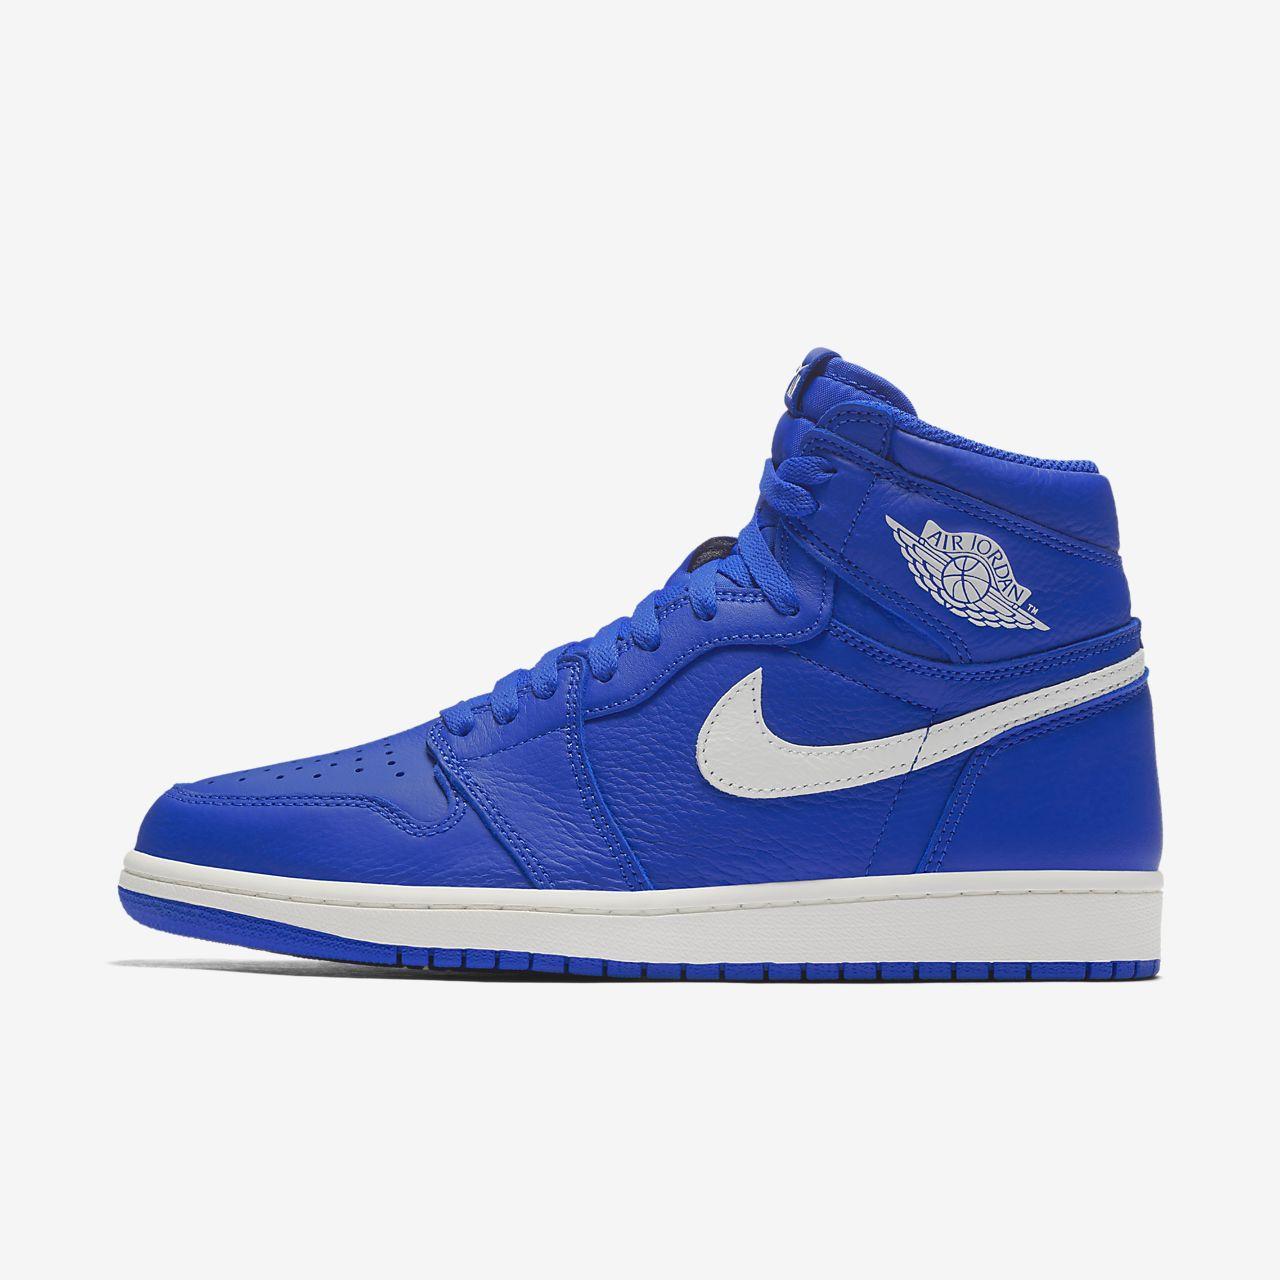 Air Jordan 1 Retro High OG cipő